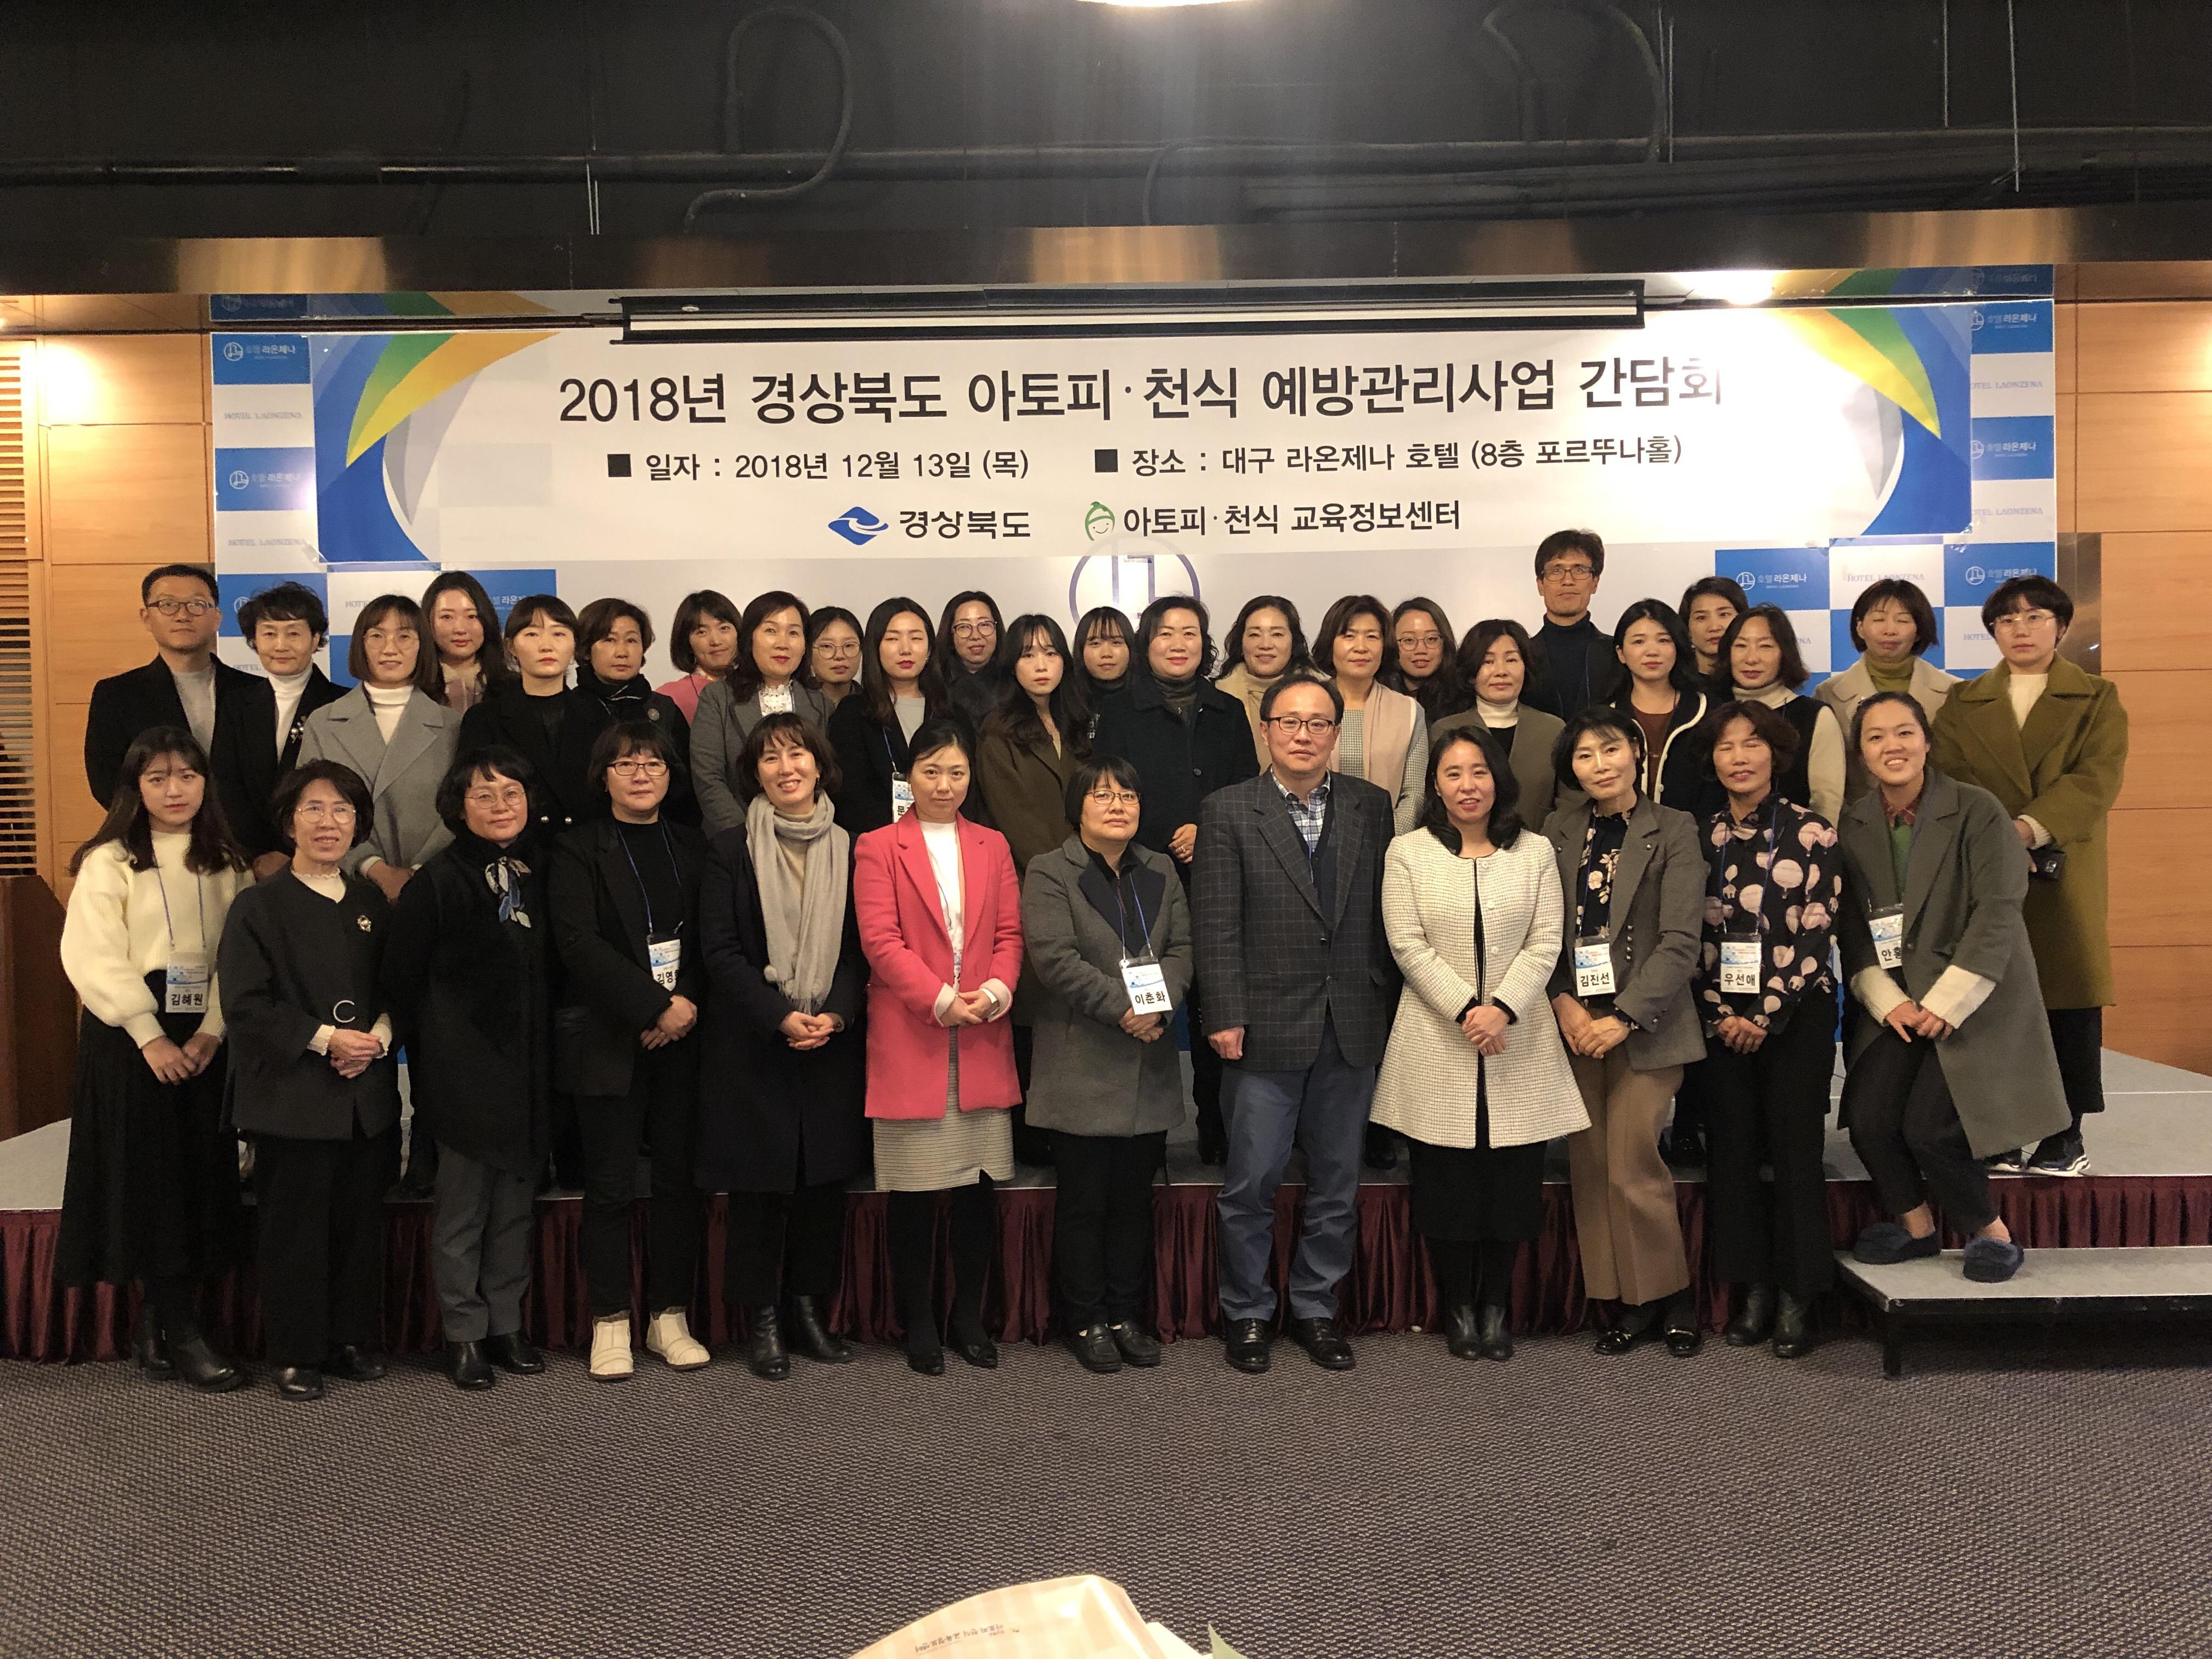 2018년 3차 간담회 및 평가대회